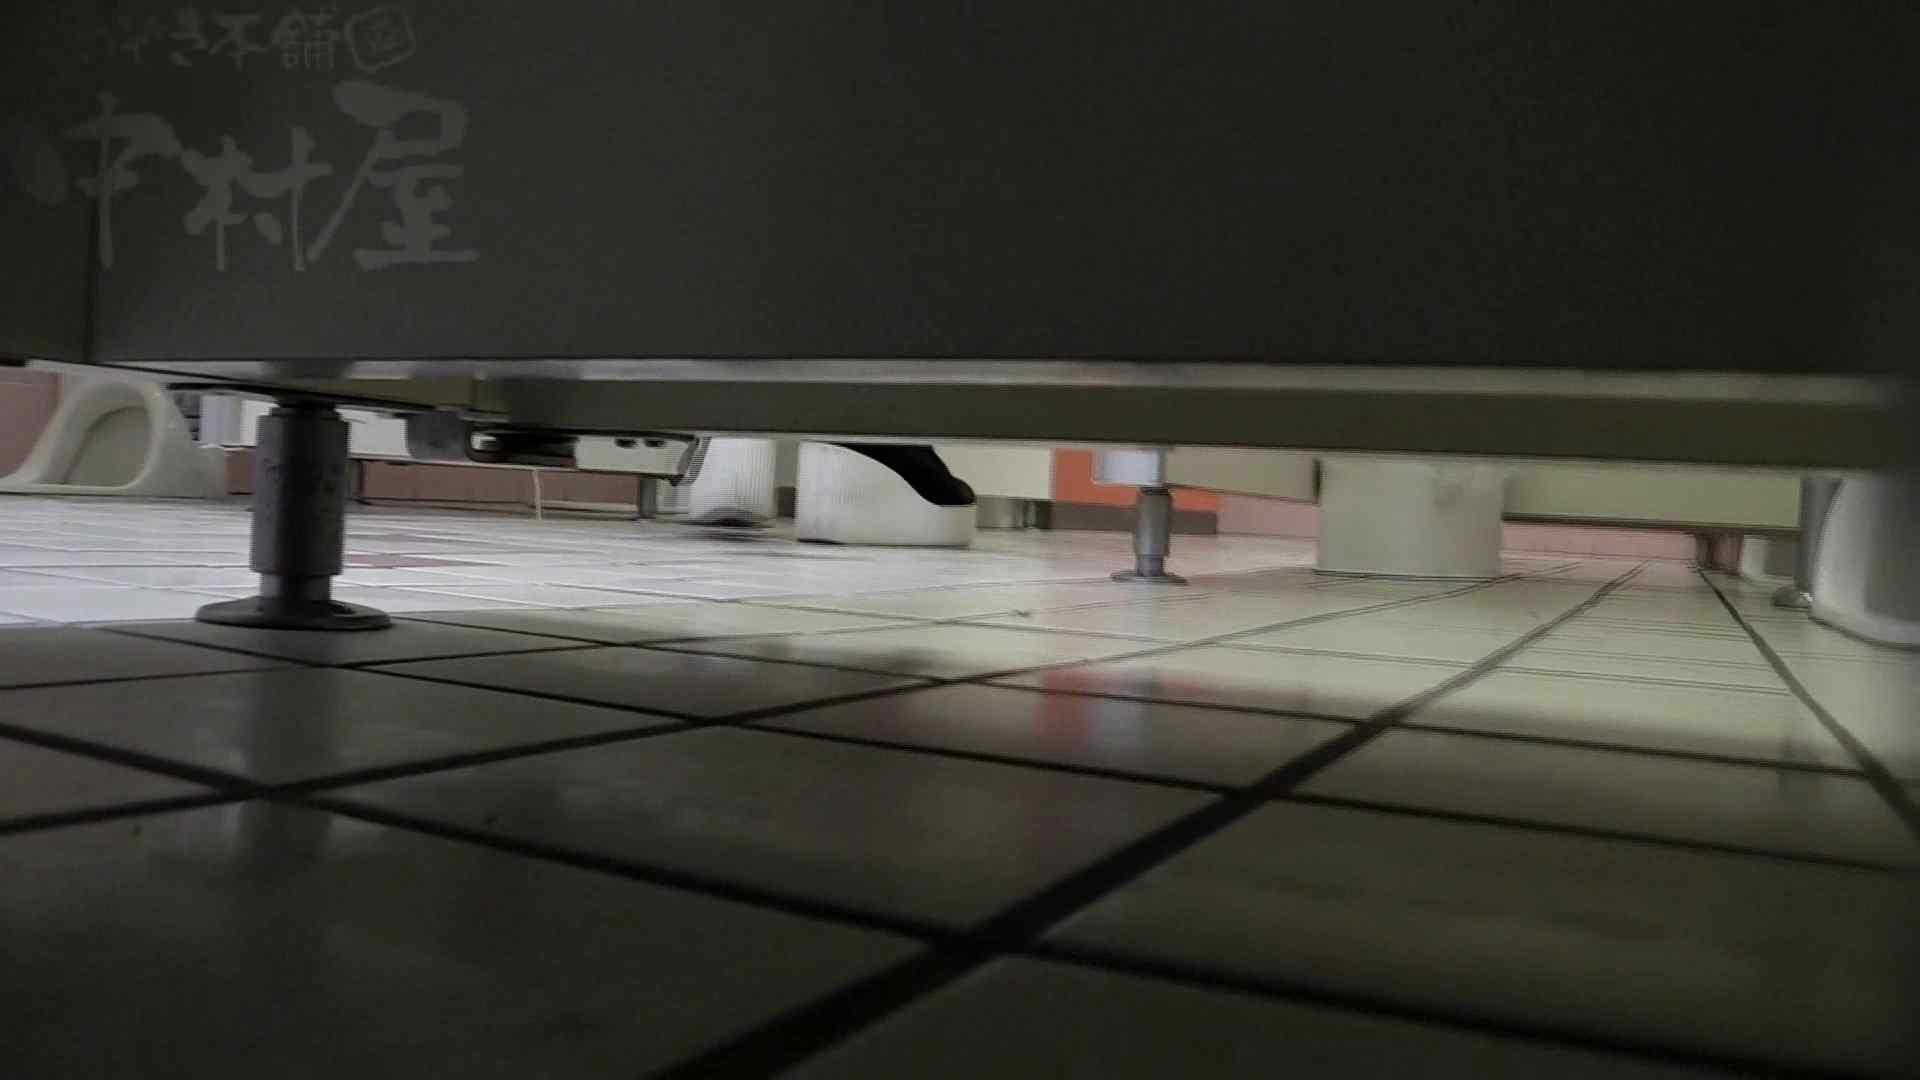 美しい日本の未来 No.17 結構大変!瞬間移動かーらーのっ、隙間撮り! 女子トイレ潜入 セックス無修正動画無料 92pic 8